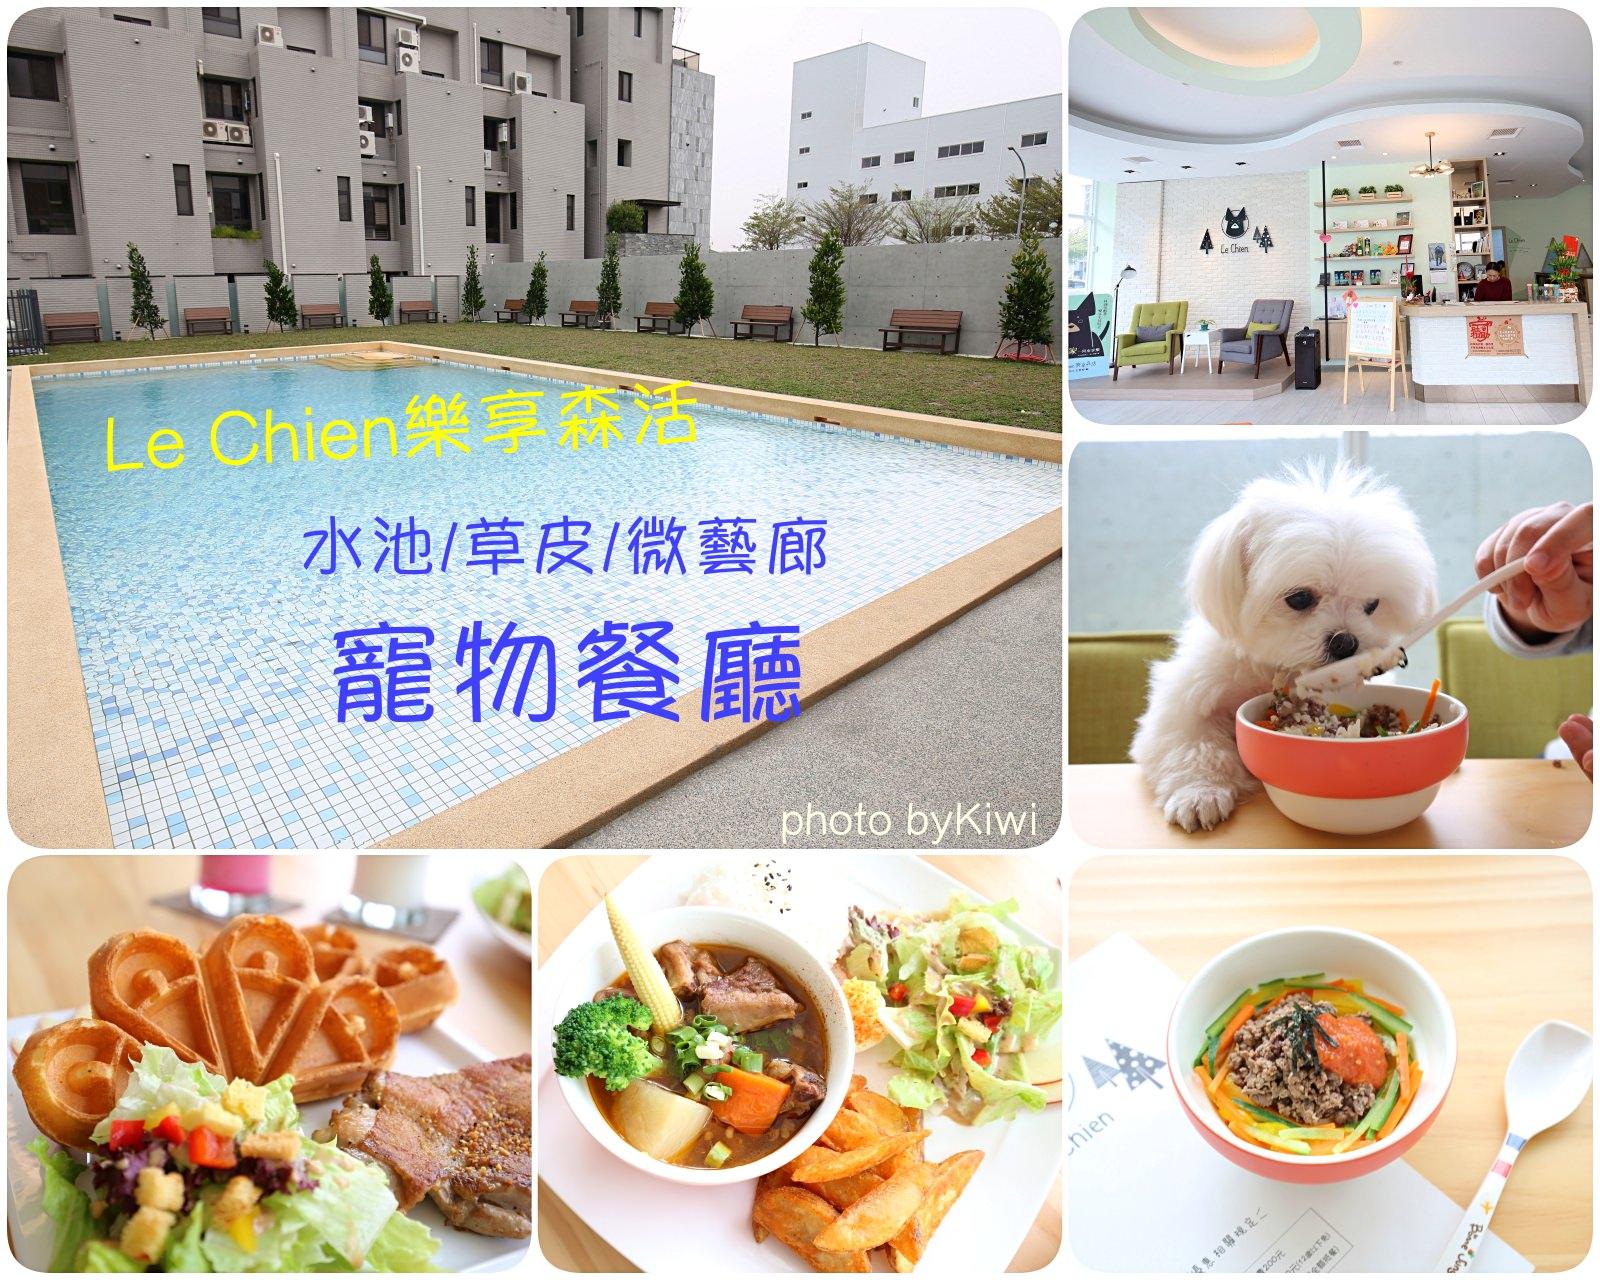 台中南屯寵物餐廳推薦| Le Chien樂享森活寵物餐廳 毛小孩樂園 超大泳池/草皮奔跑/微藝廊